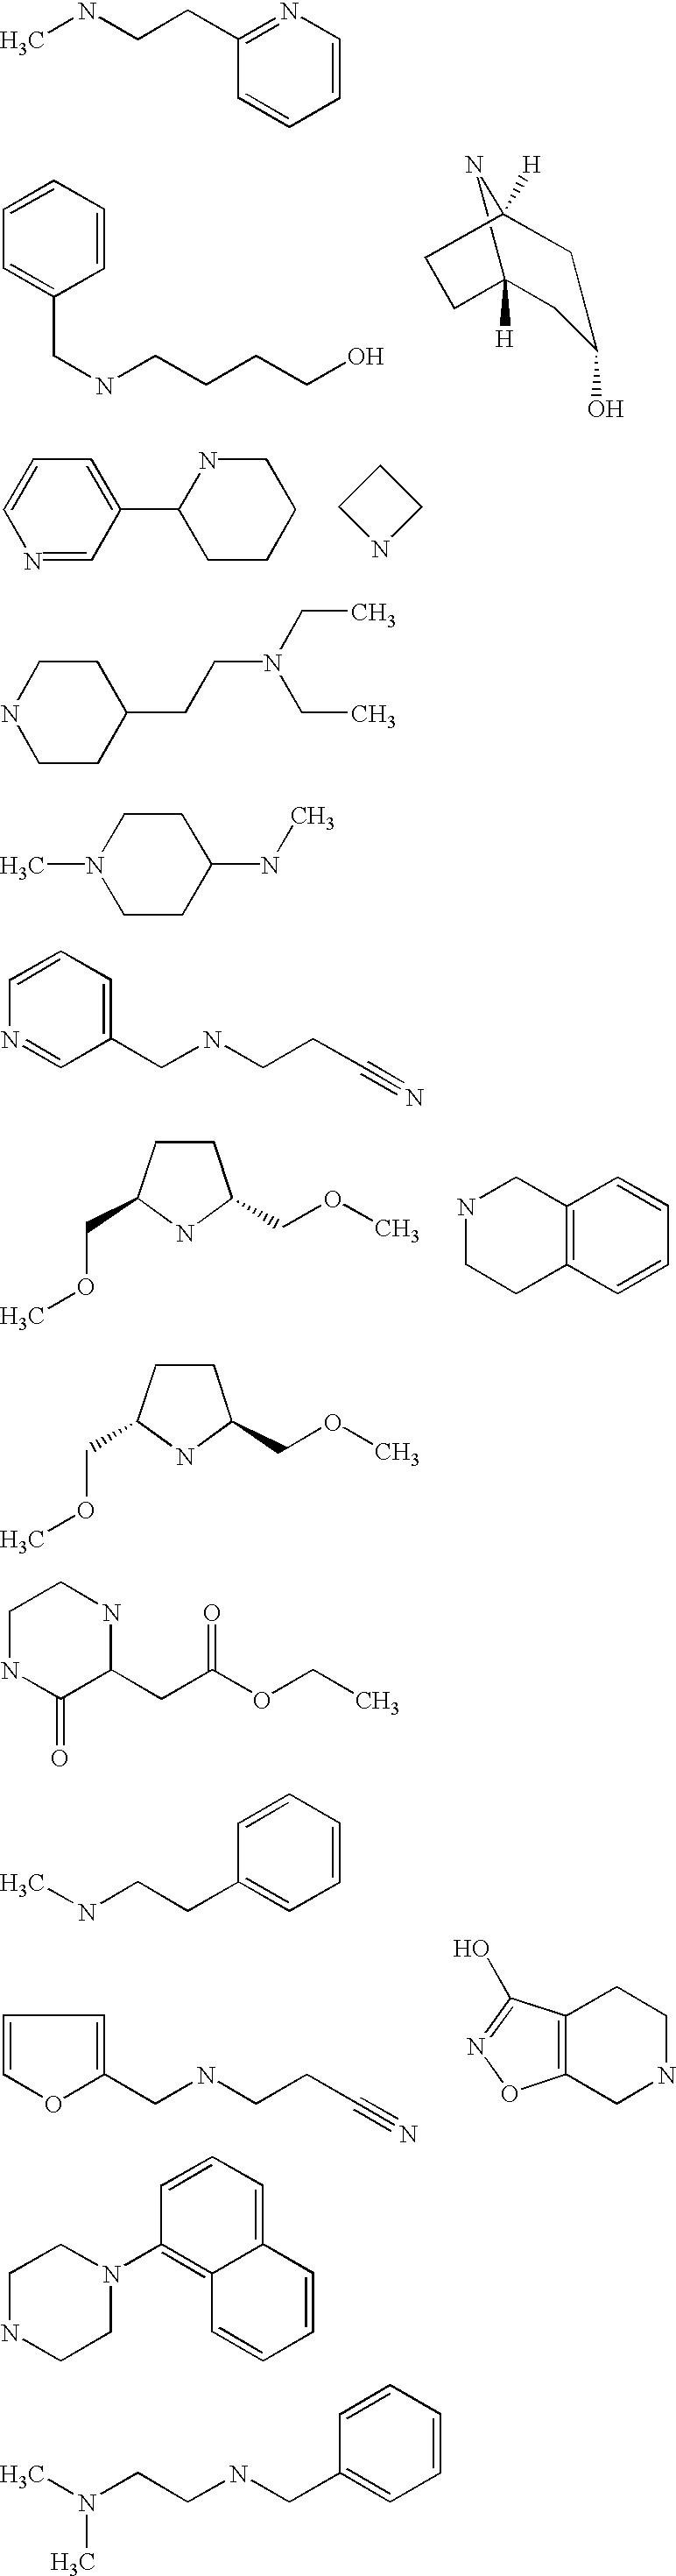 Figure US06693202-20040217-C00067